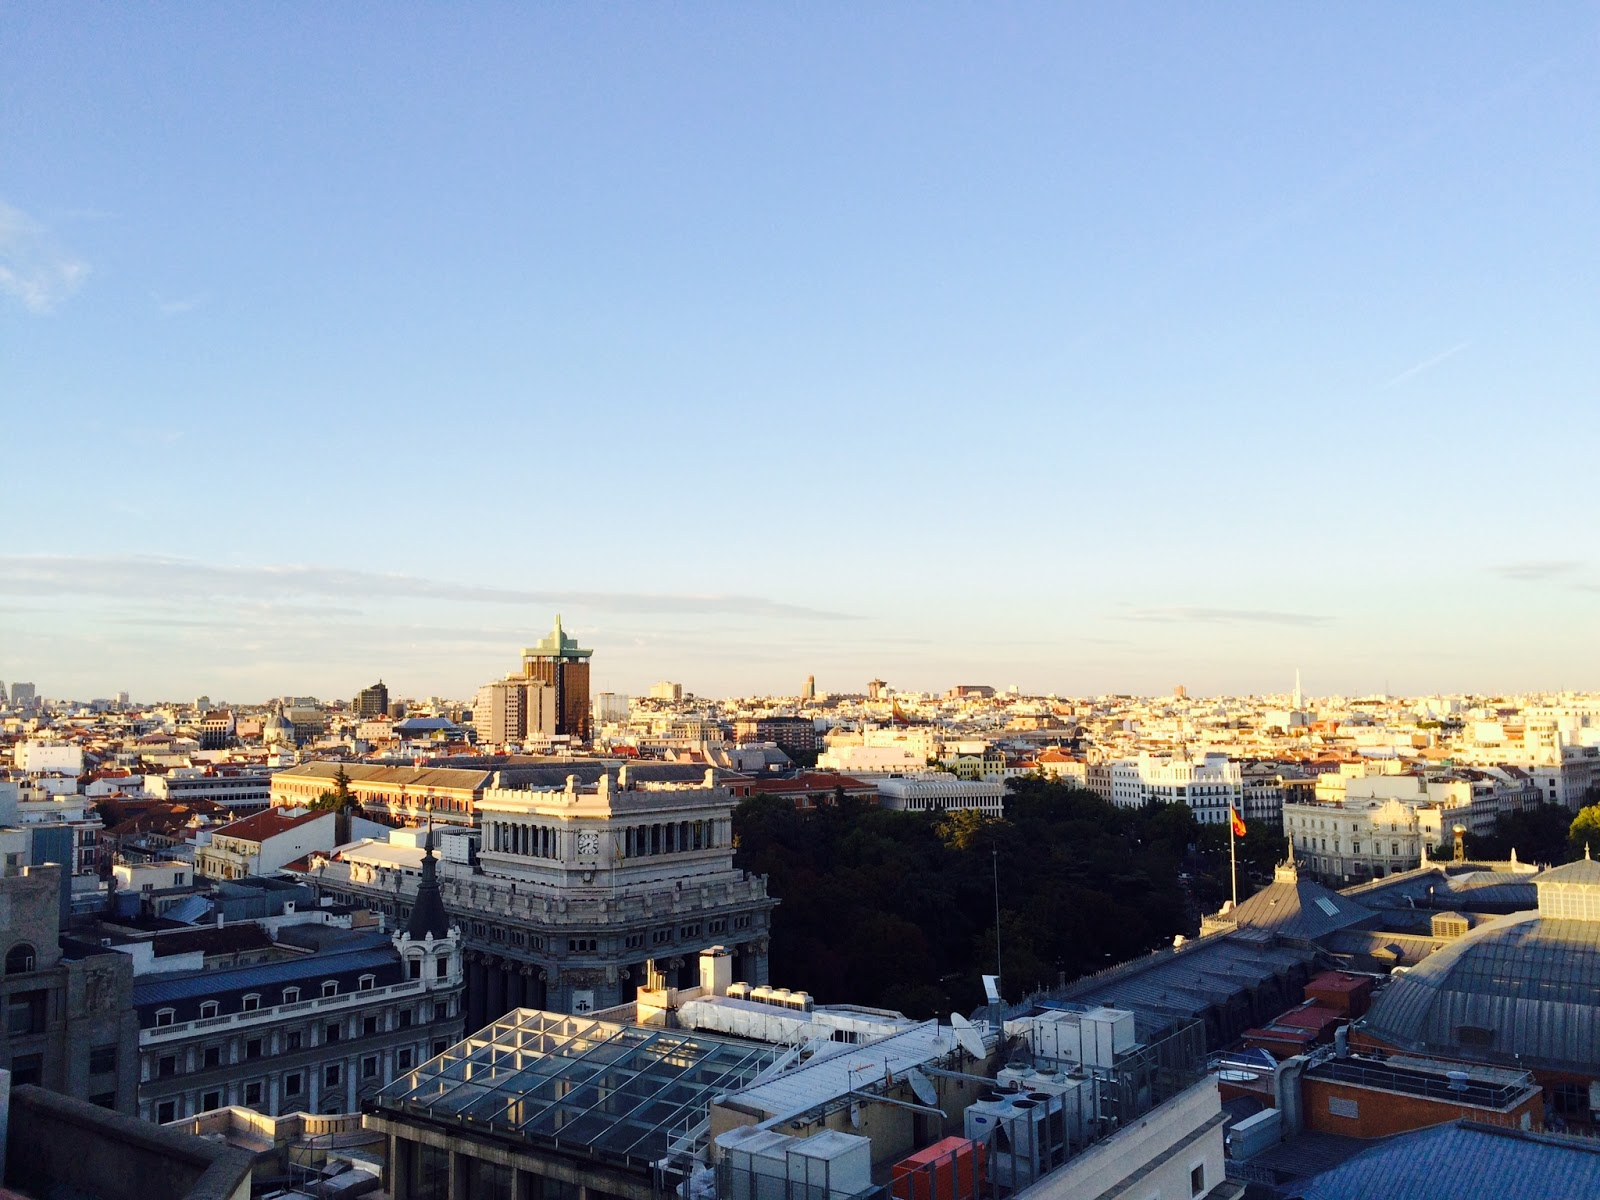 Circulo Bellas Artes Rooftop Madrid - Hotspots